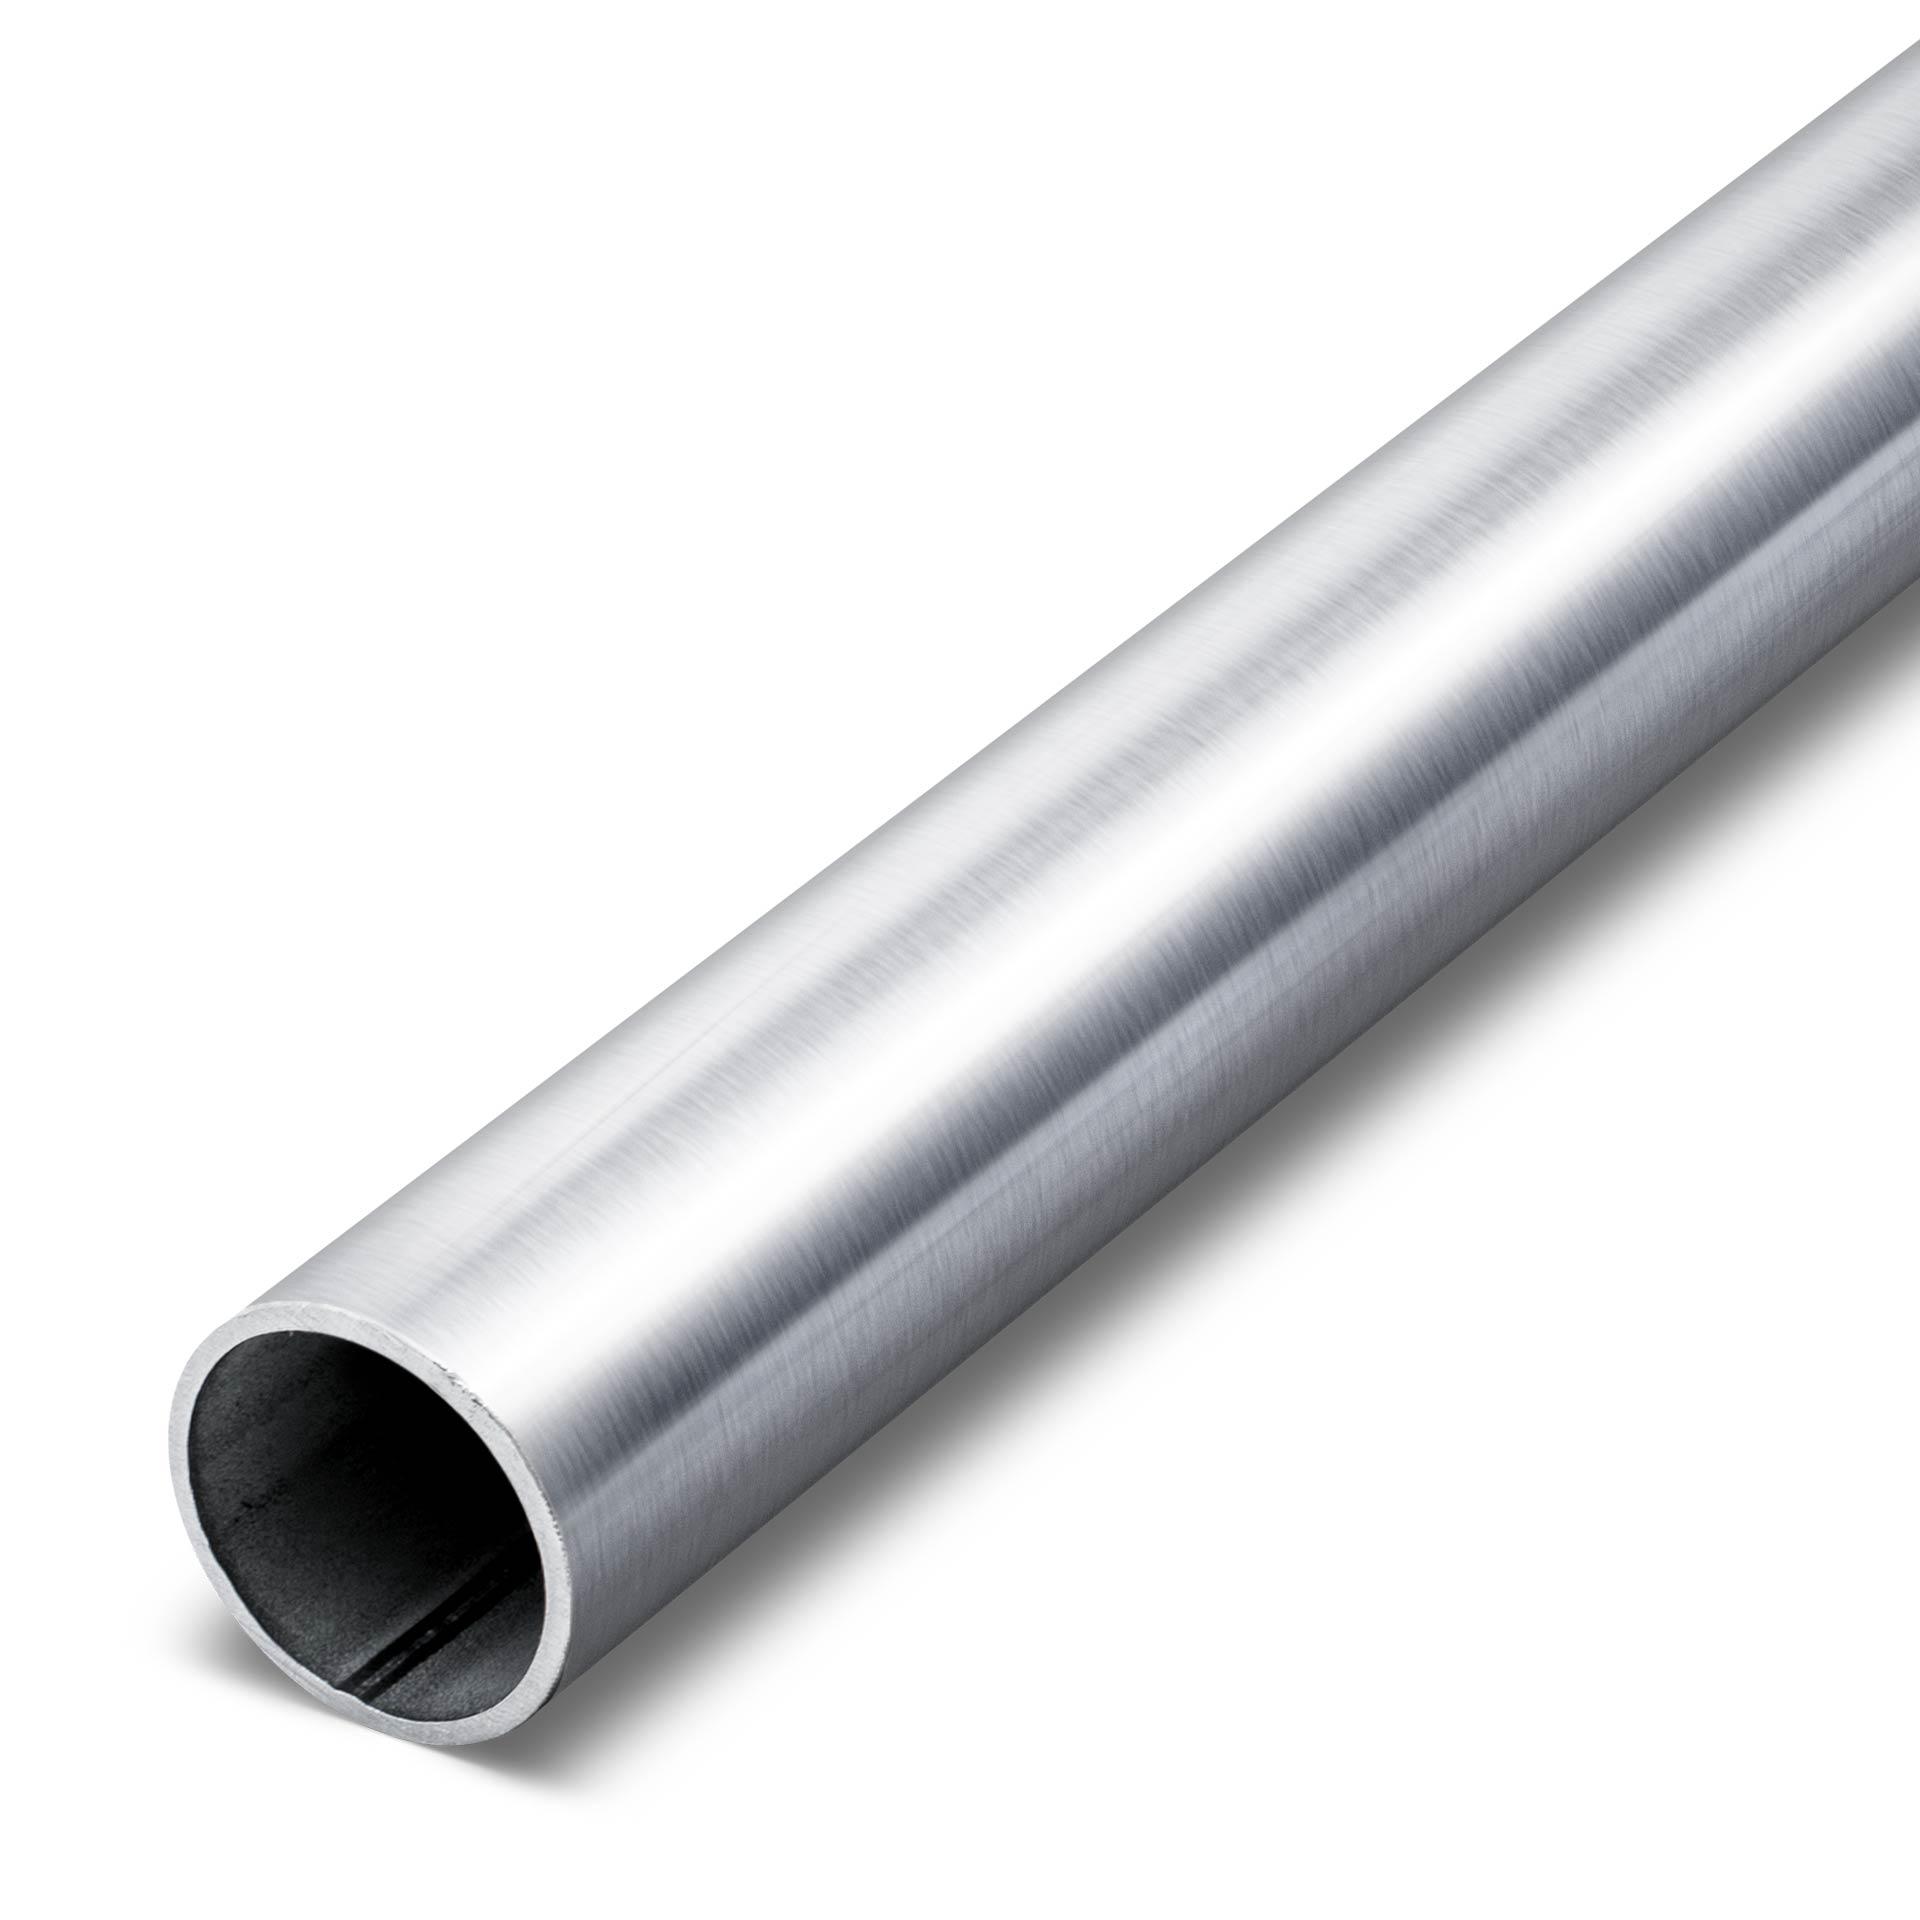 Edelstahlrohr Rundrohr Geländerrohr K240 geschliffen bis 2000mm Länge V2A Rohr